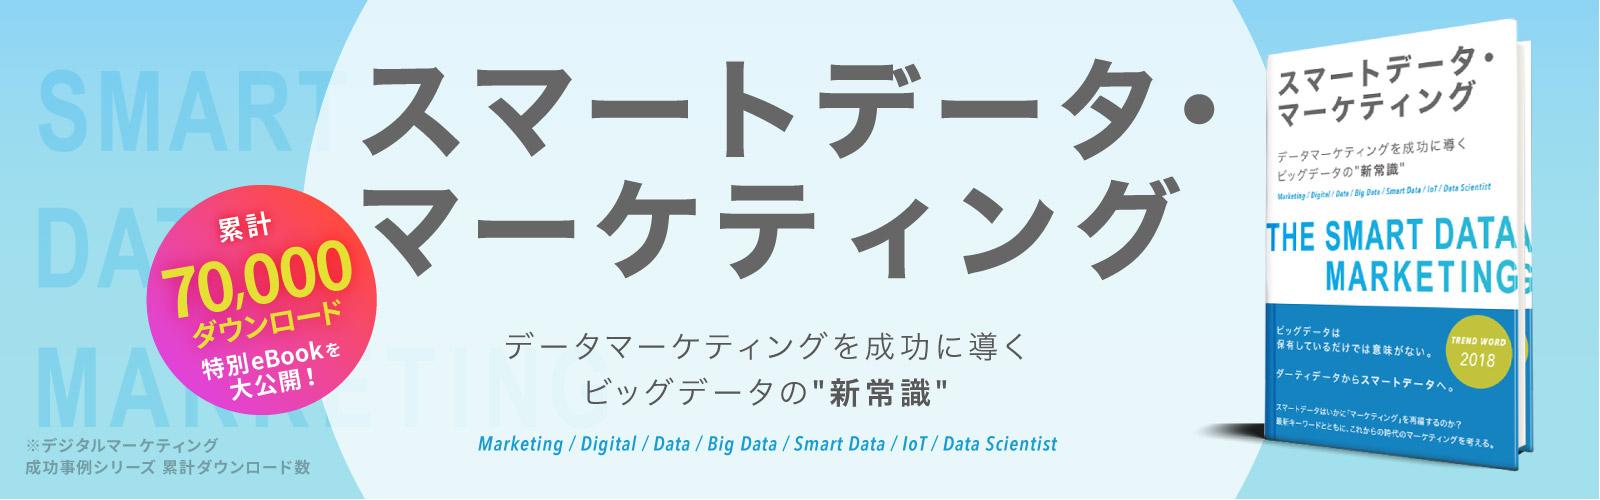 スマートデータ・マーケティング